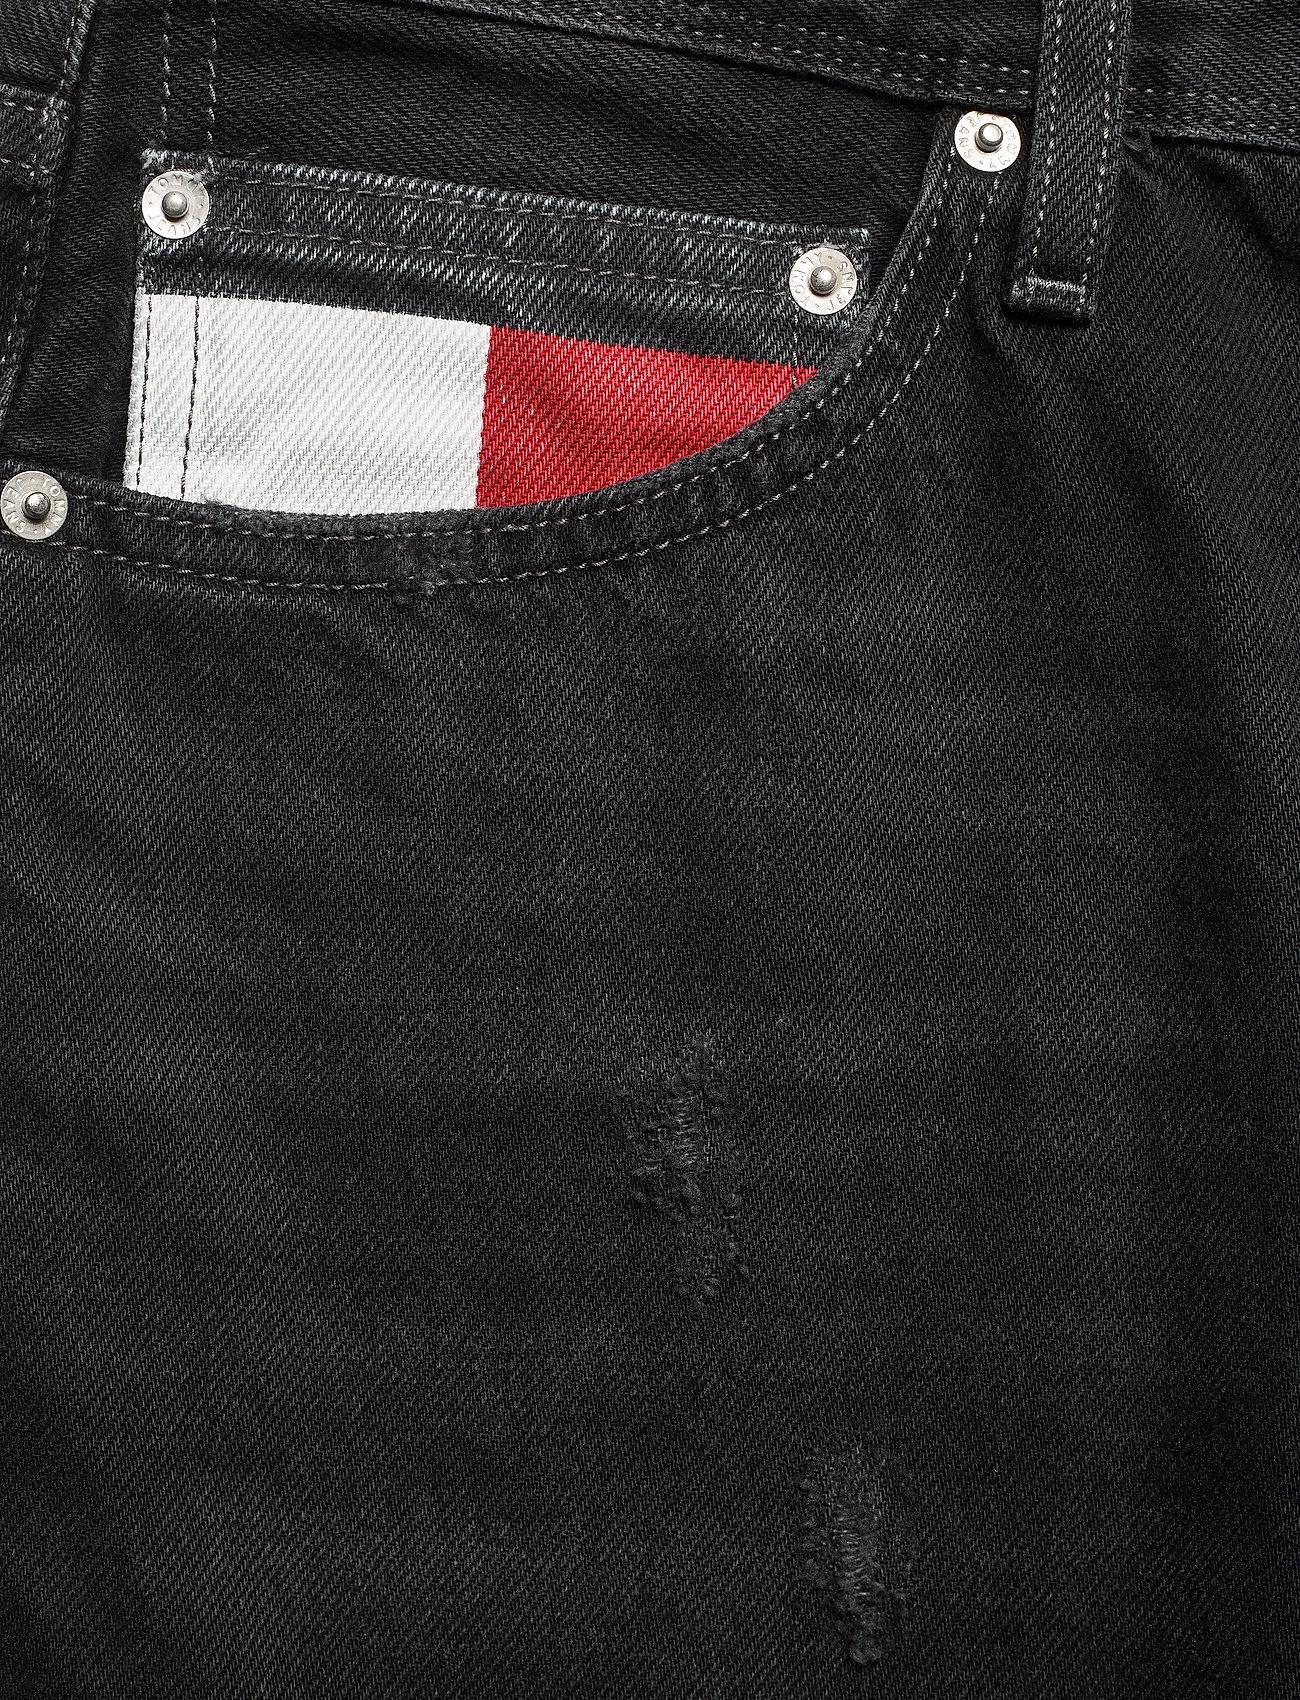 Tommy Jeans - ETHAN RLXD STRAIGHT SSPBBRSD - regular jeans - save sp bk bk rgd spr destr - 2